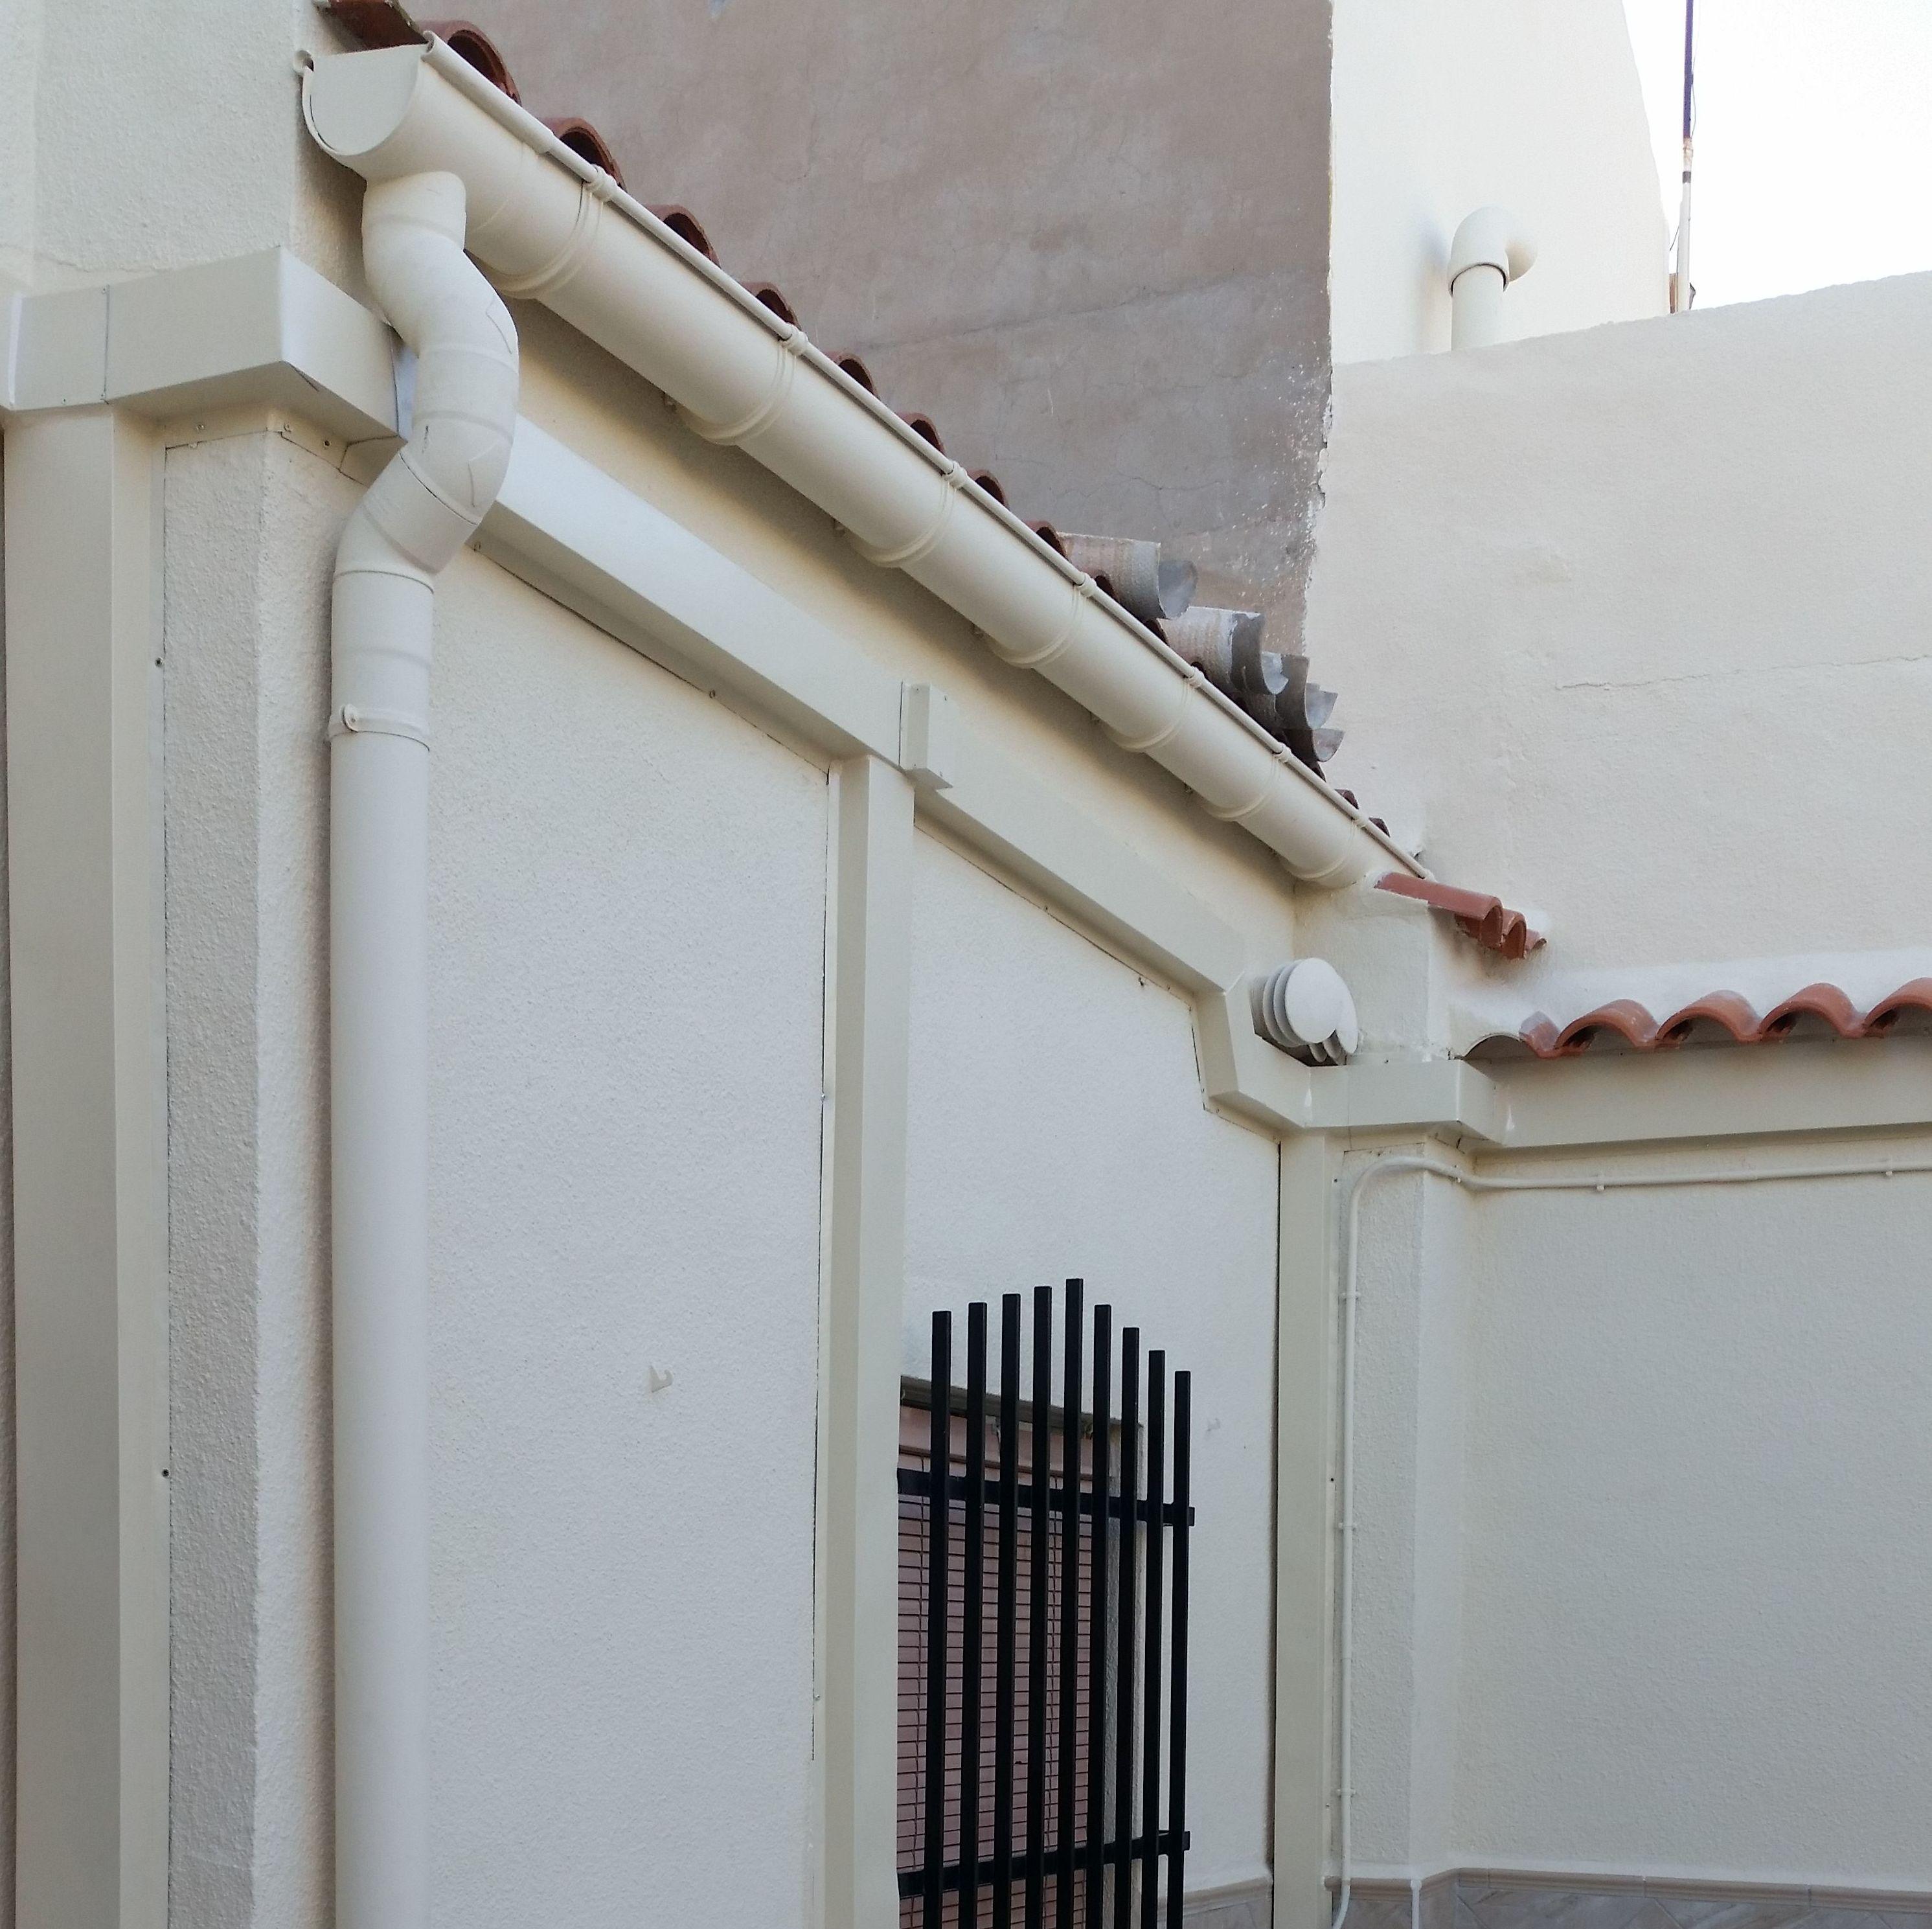 Canaleta de aluminio para tapar instalación de fontaneria